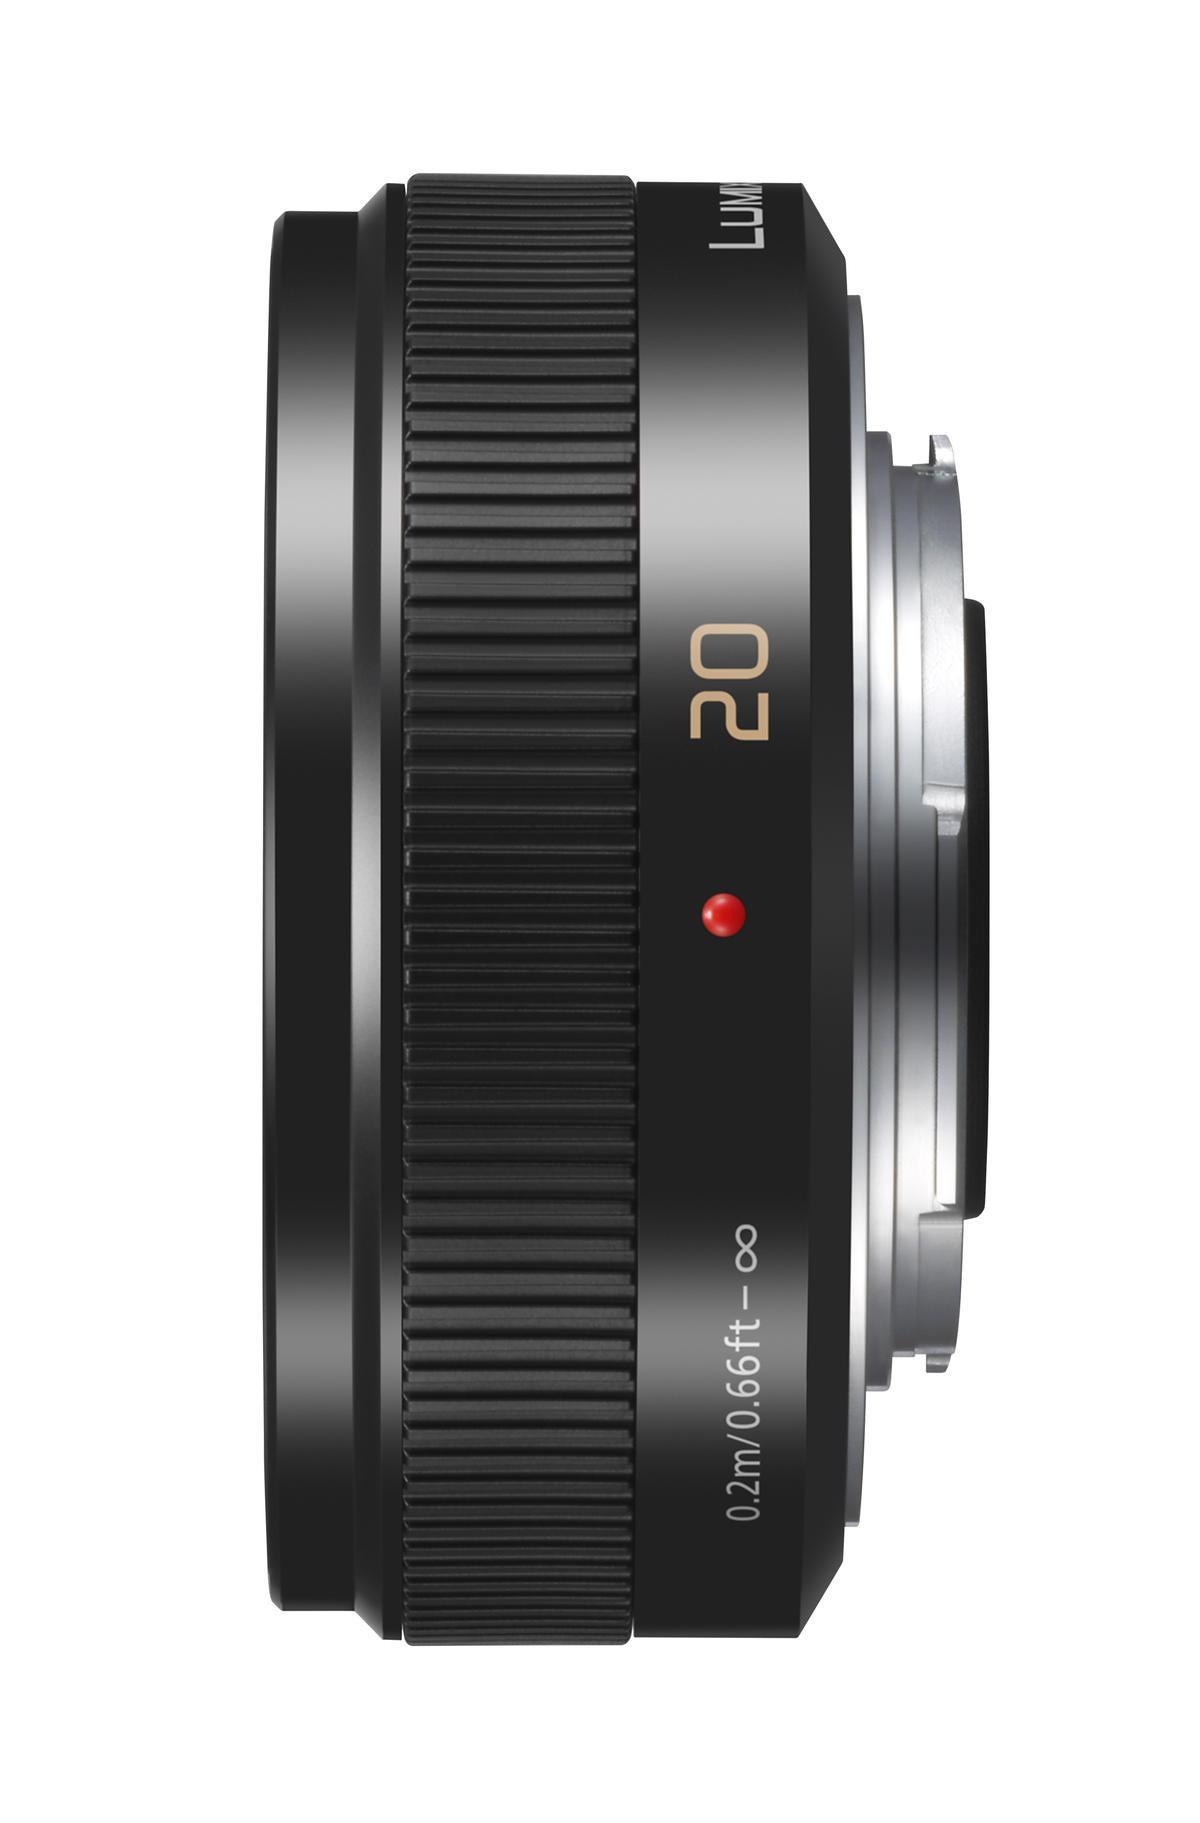 Panasonic Lumix G 20mm II F1.7